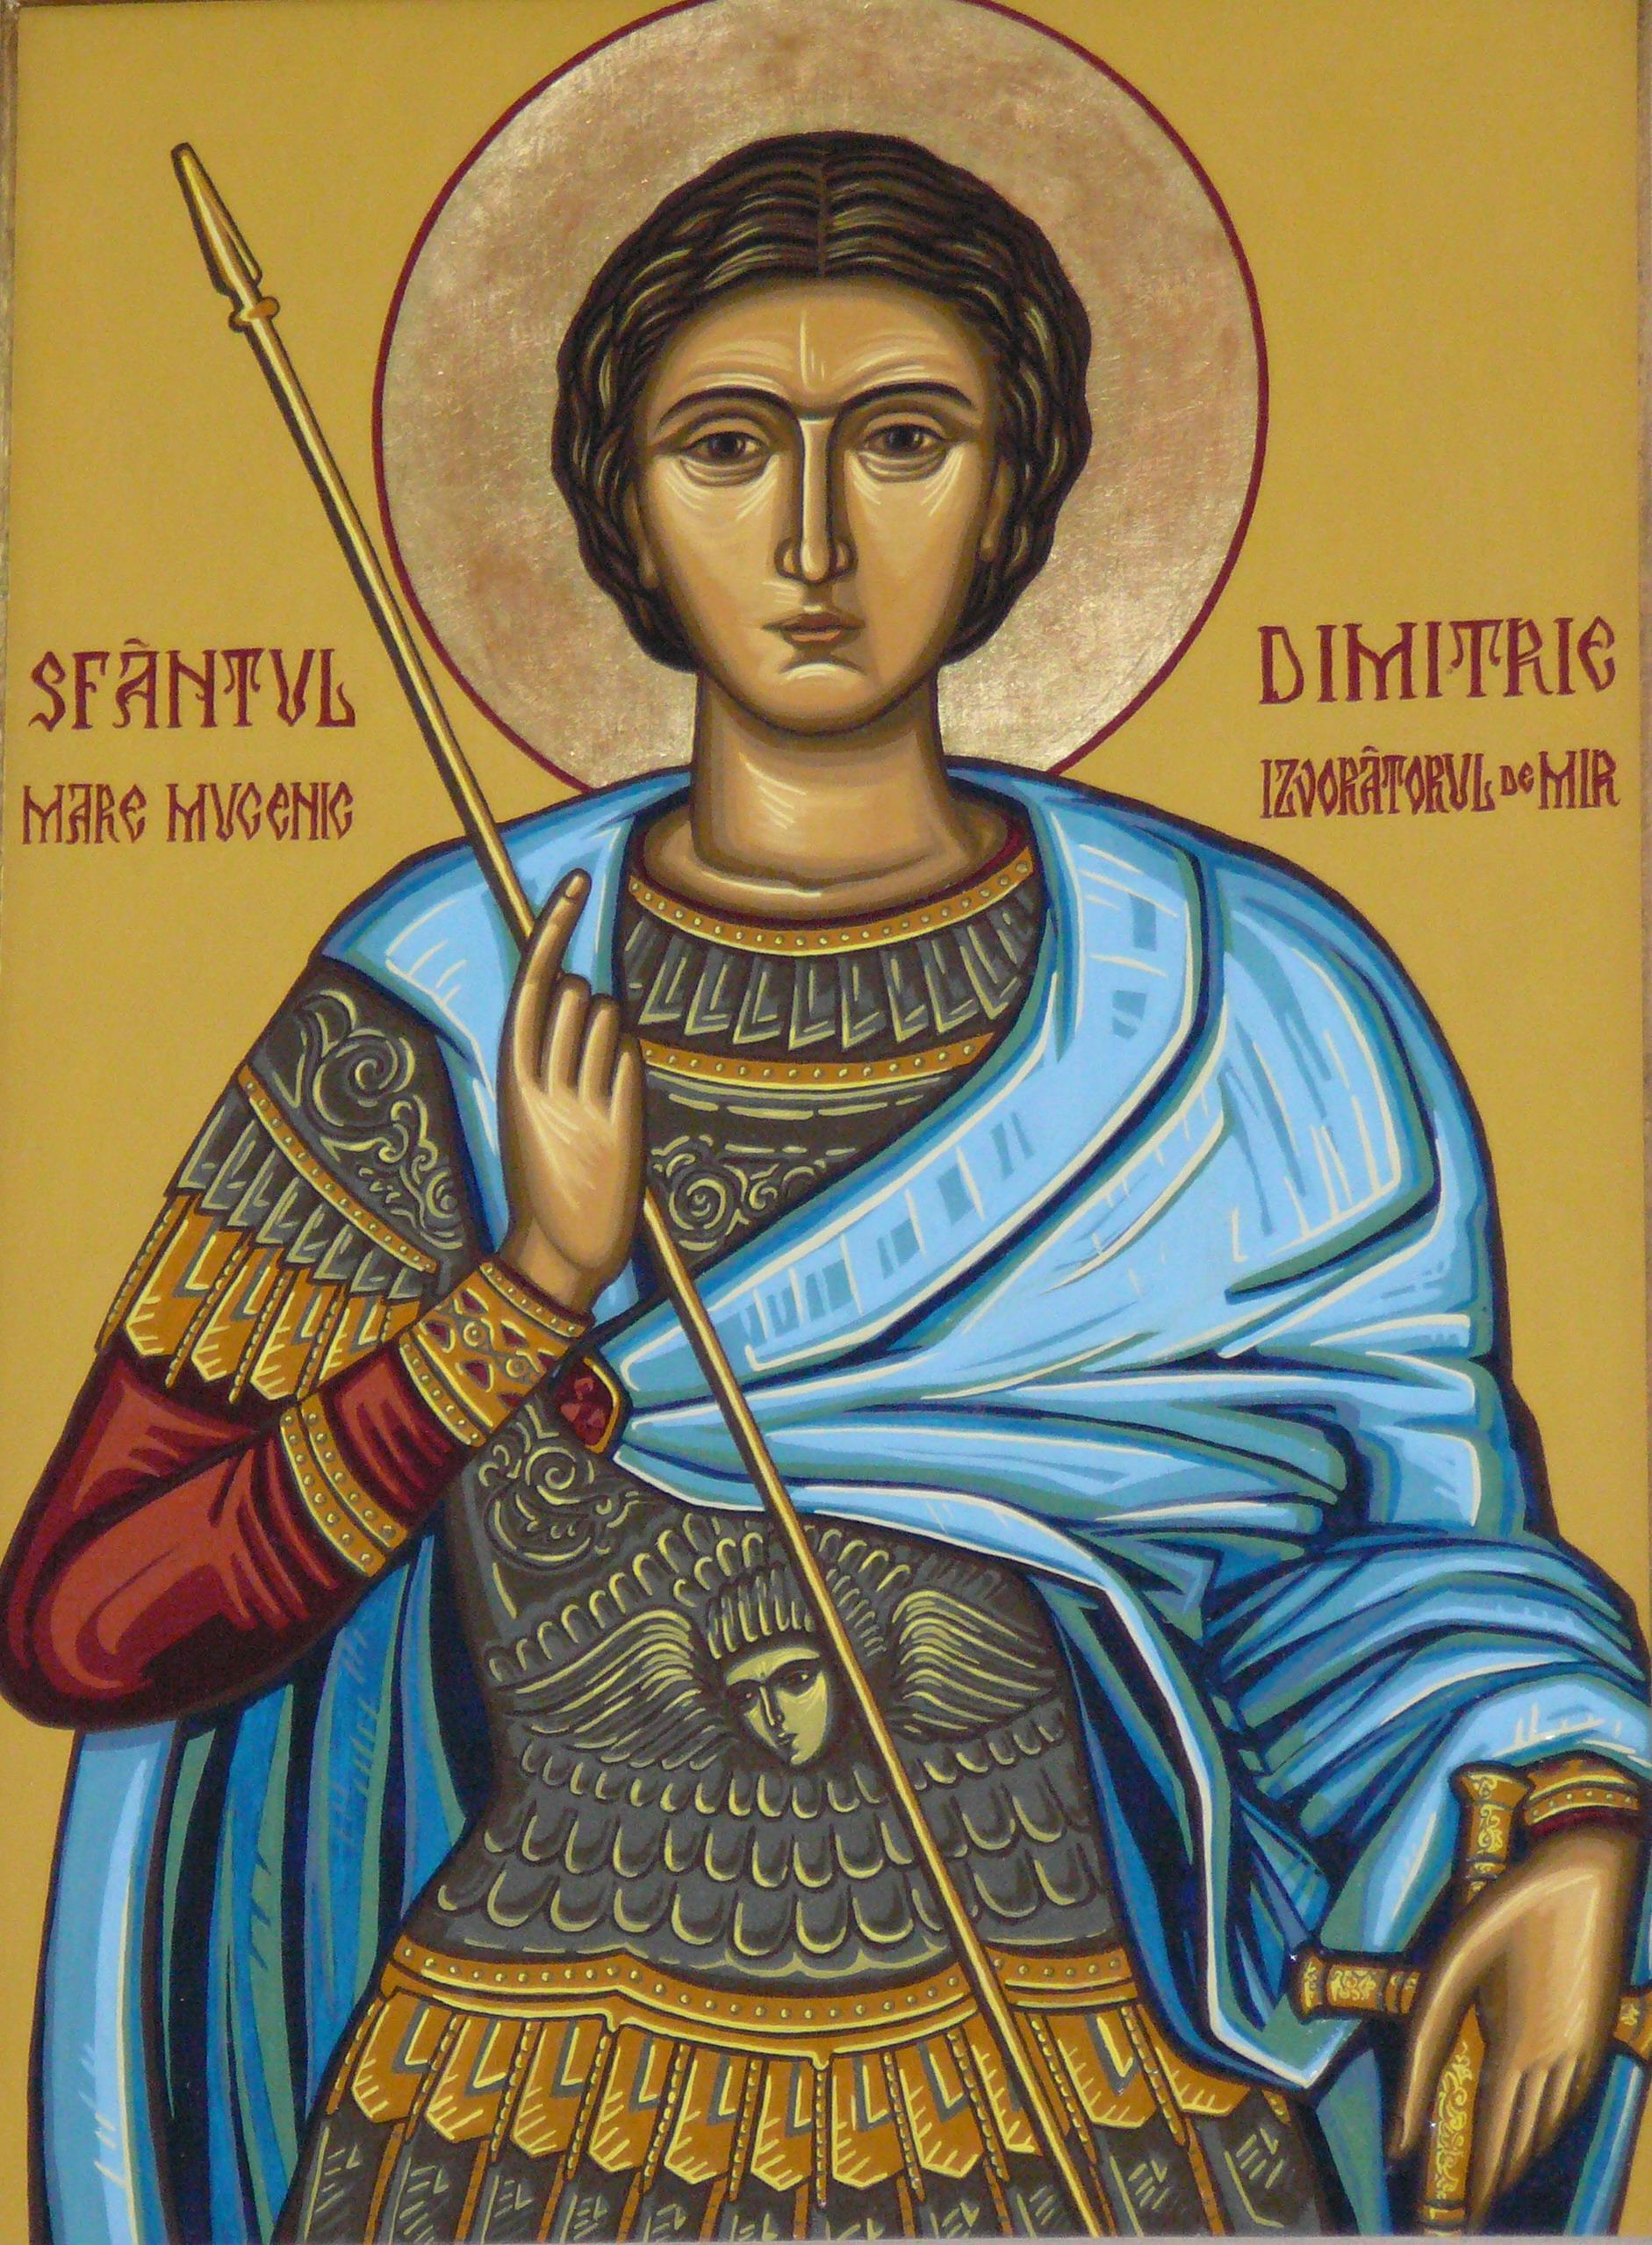 Sfantul Dimitrie Izvoratorul de Mir  |Sf. Dumitru